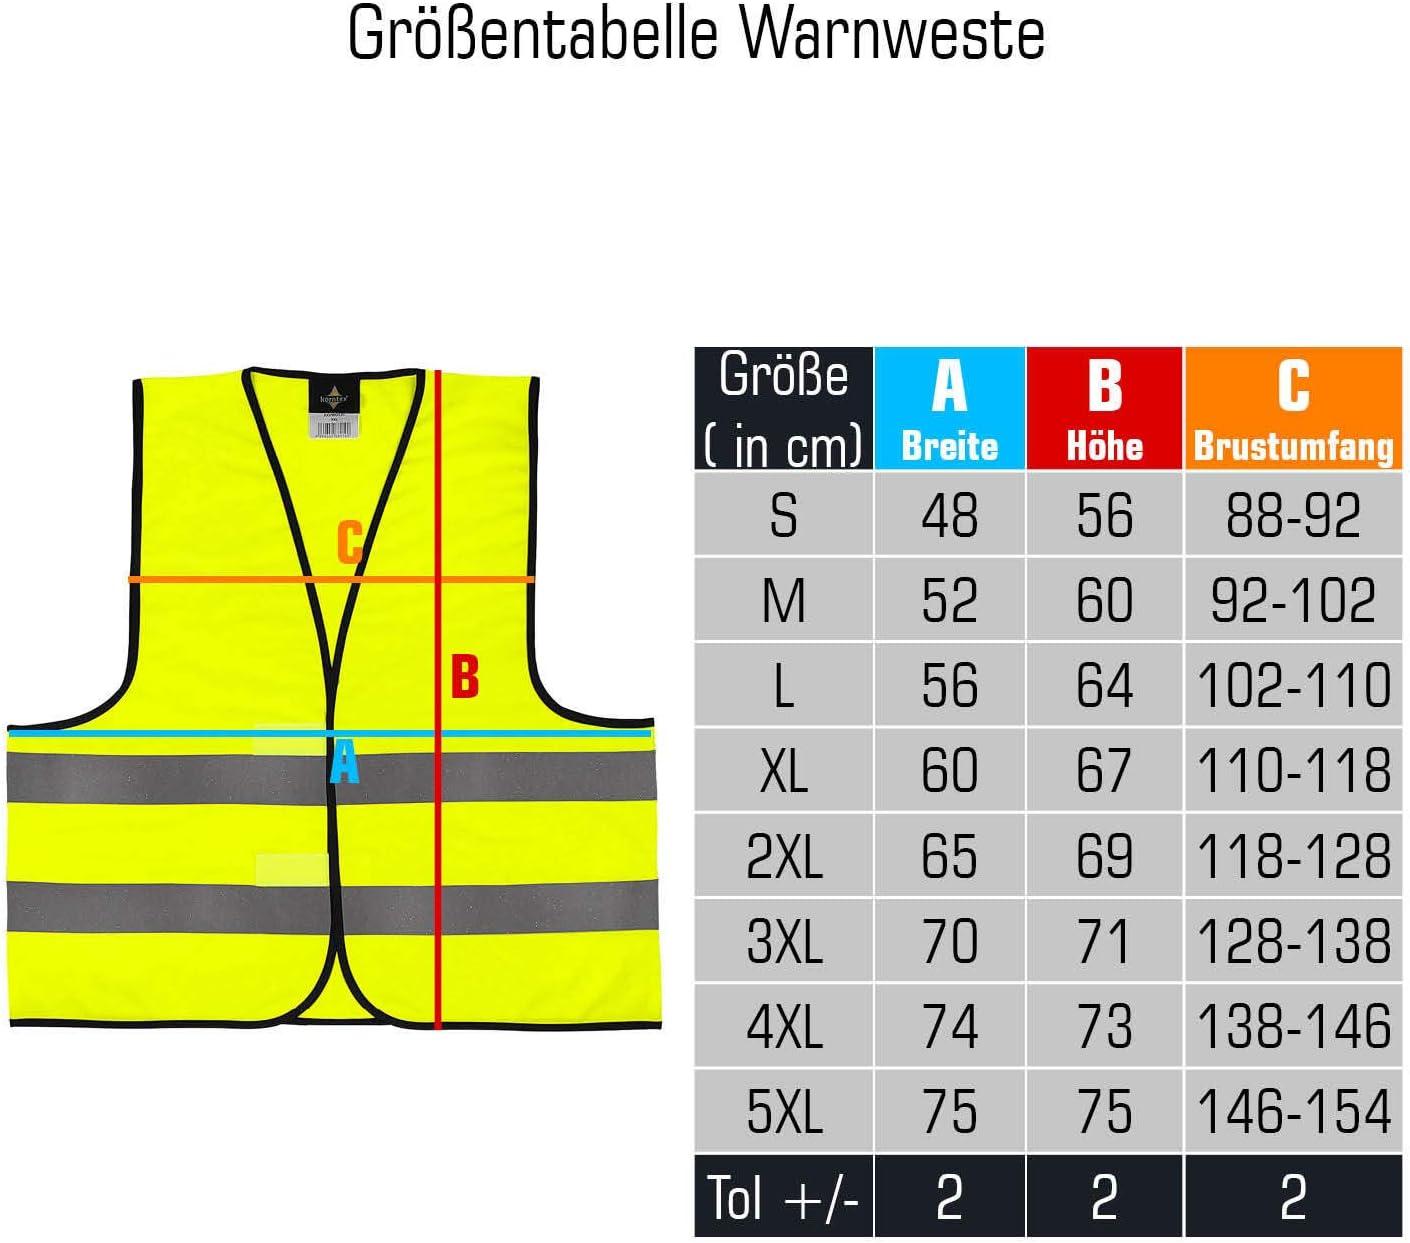 Druck Schwarz Warnweste /· Bitte Abstand halten /· Funktionsweste Sicherheitsabstand Abstand halten 1,5m 2m Gelb Orange Neon Pr/ävention Kontaktsperre Ausgangssperre Sicherheit /· Gelb 5XL